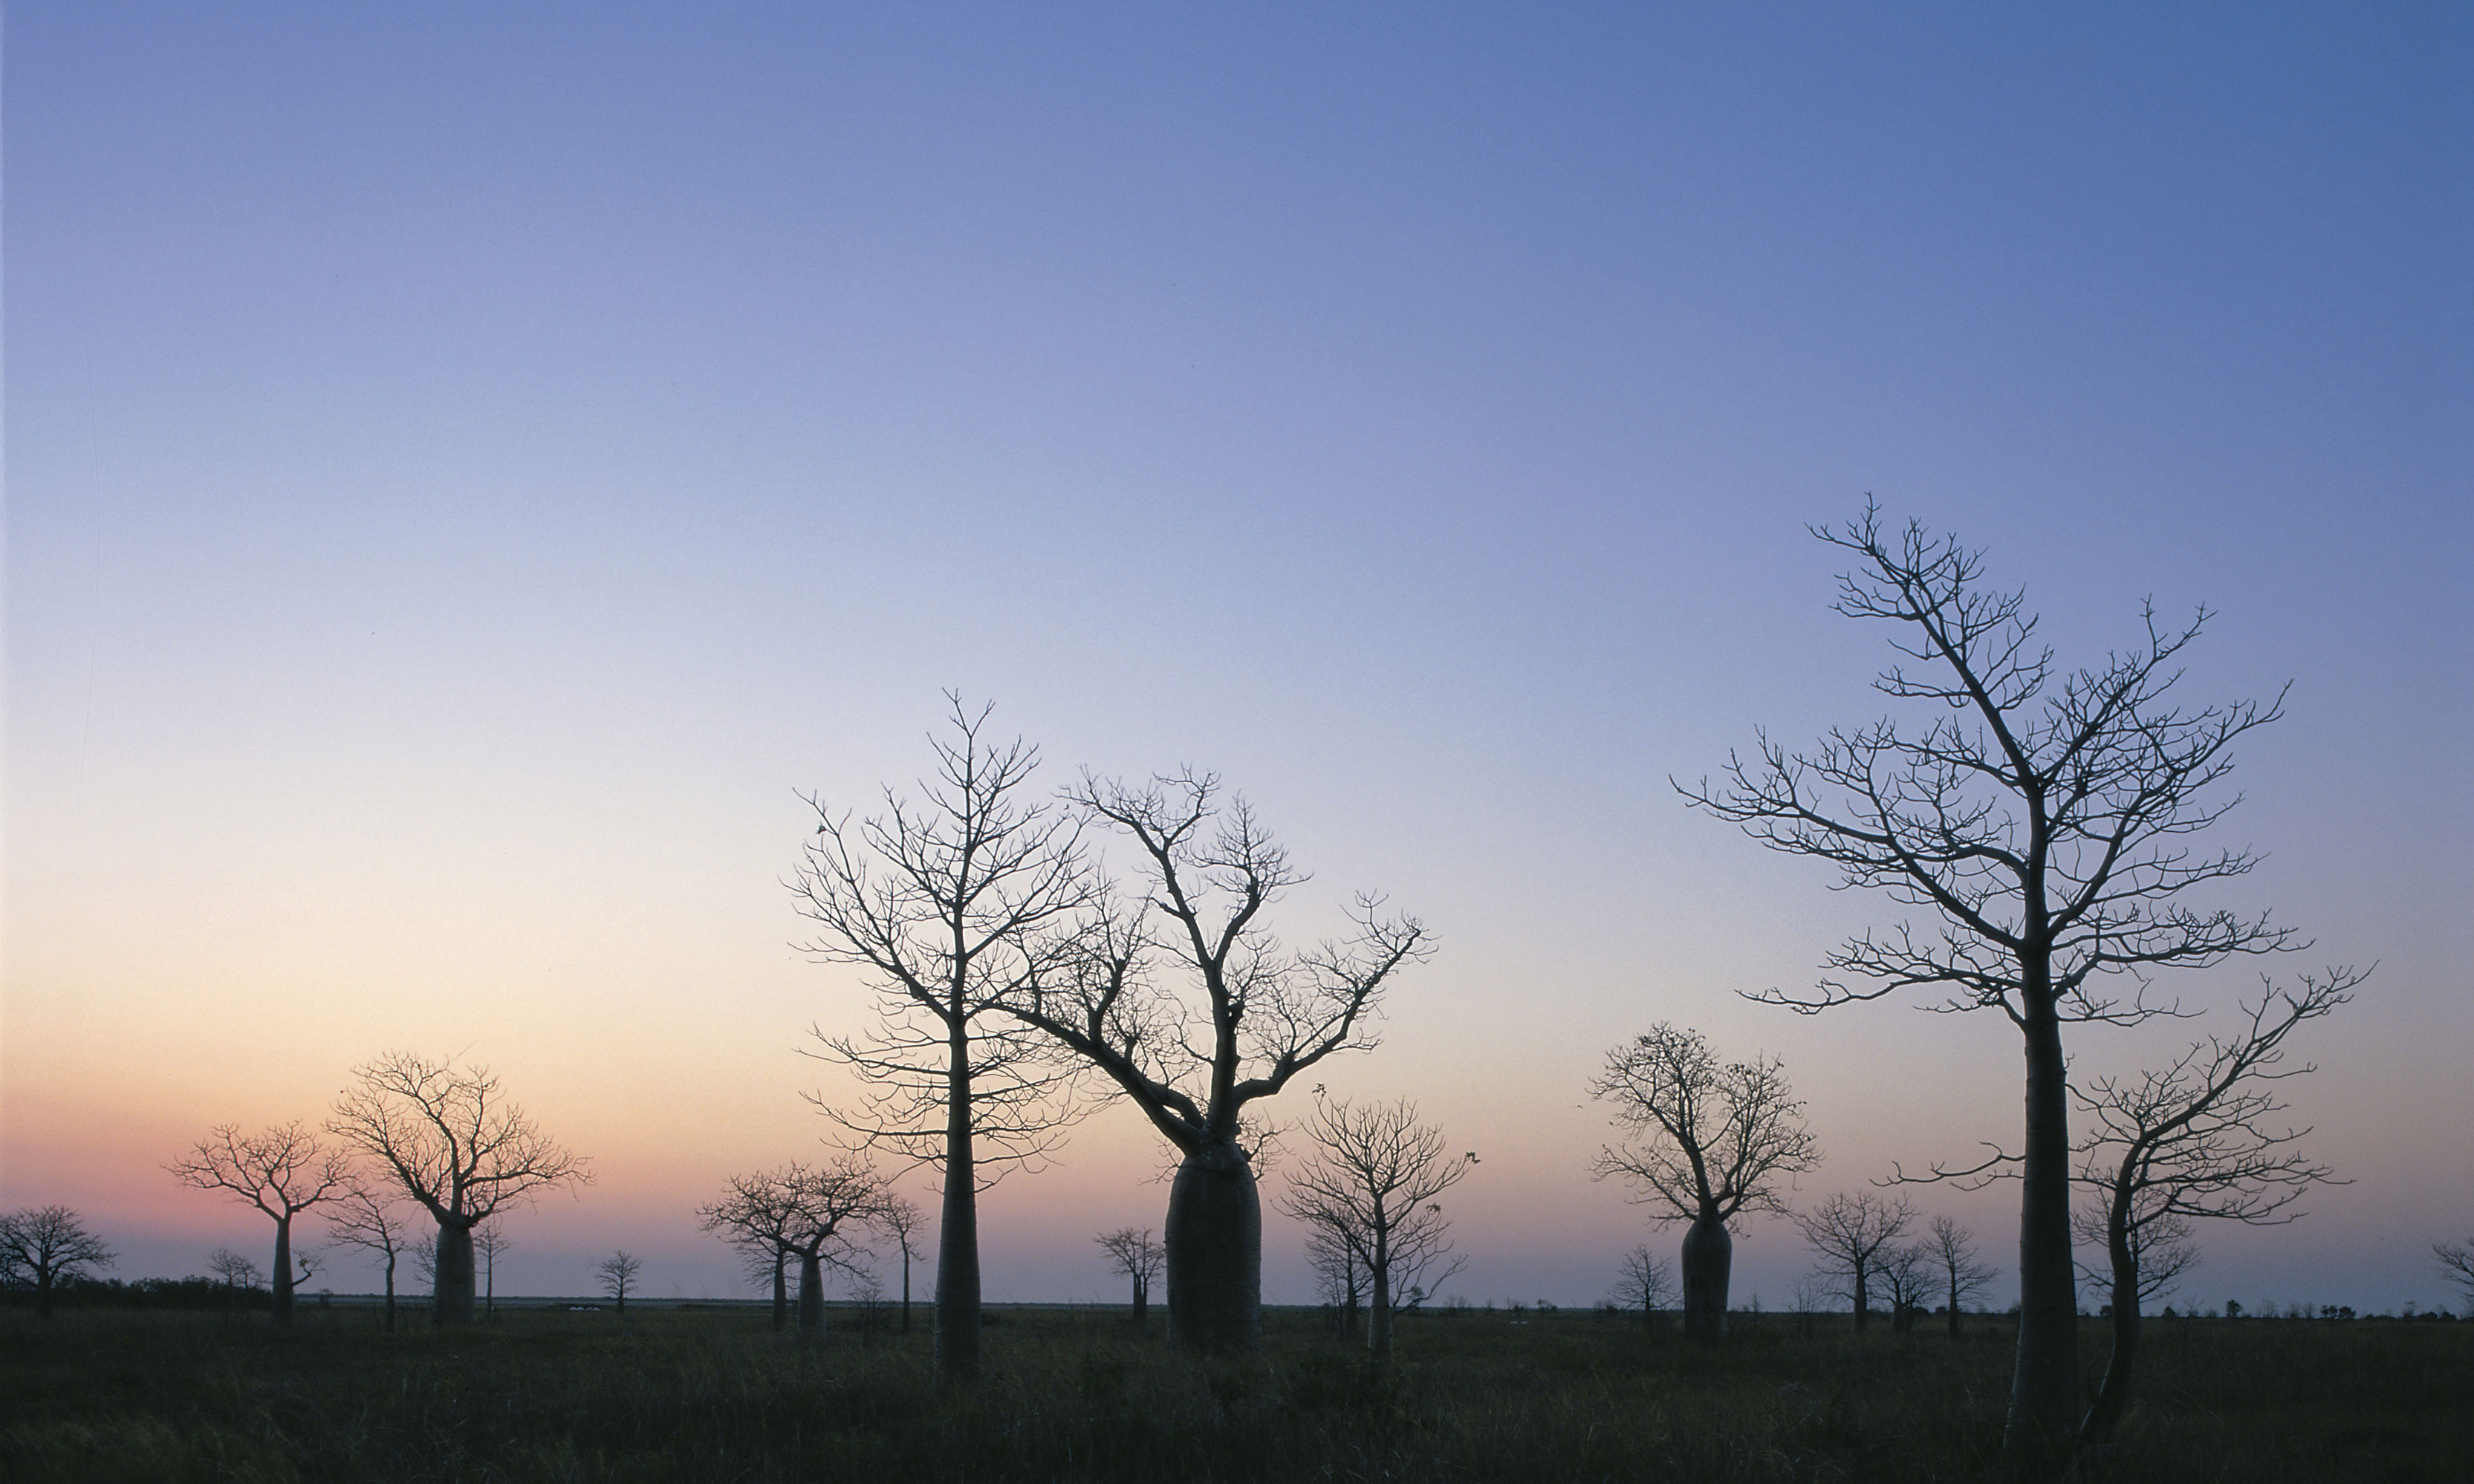 stark landscapes